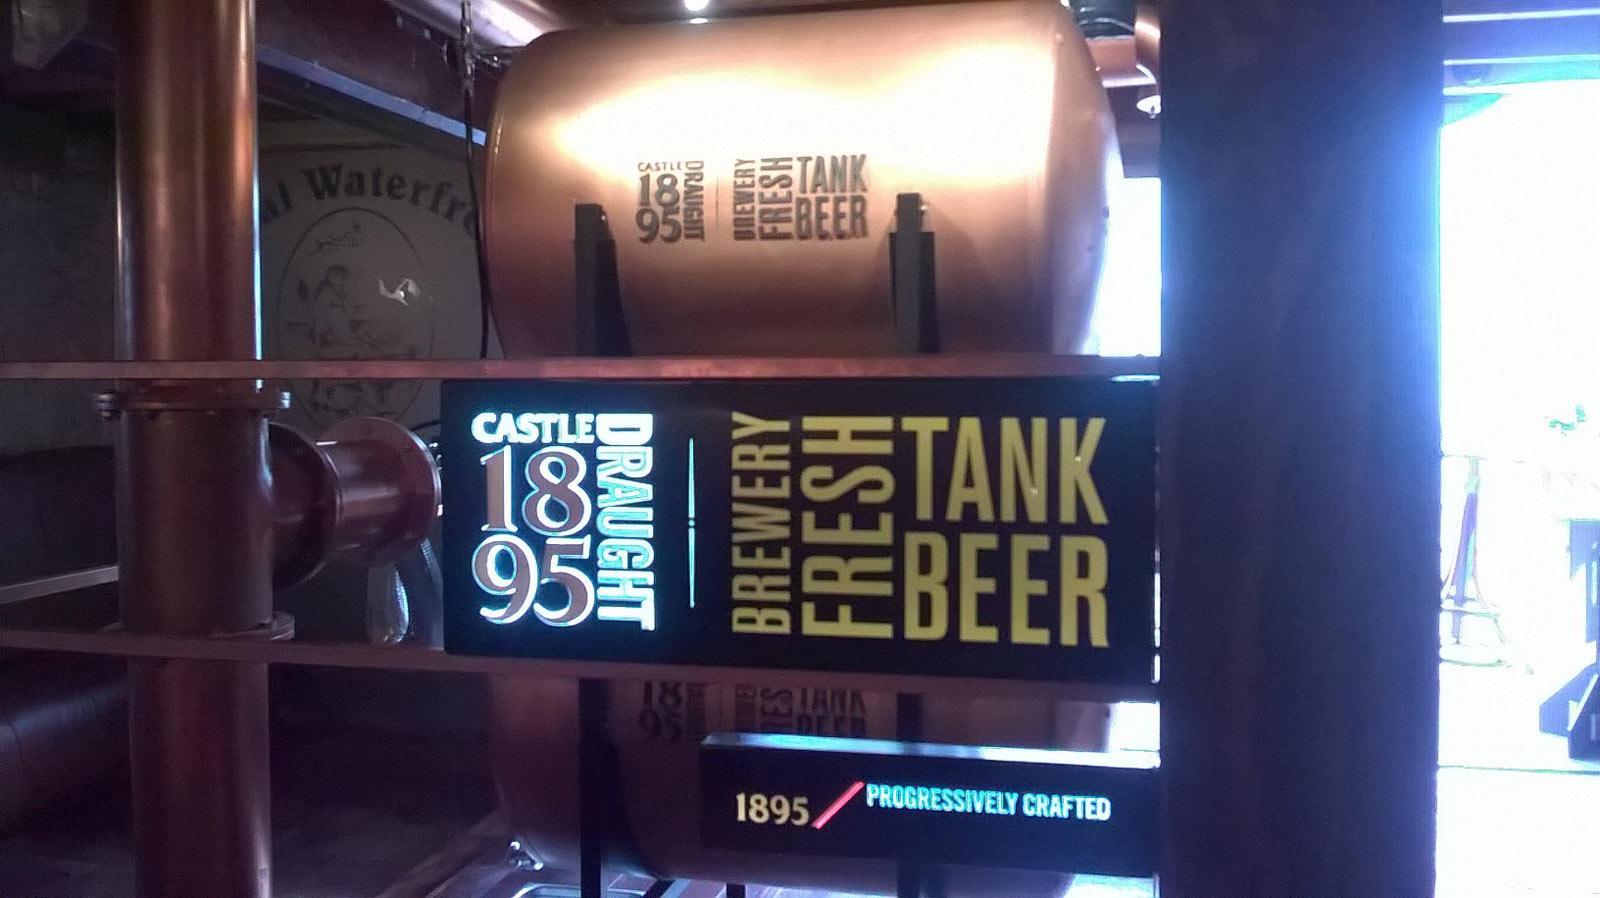 How to store beer kegs